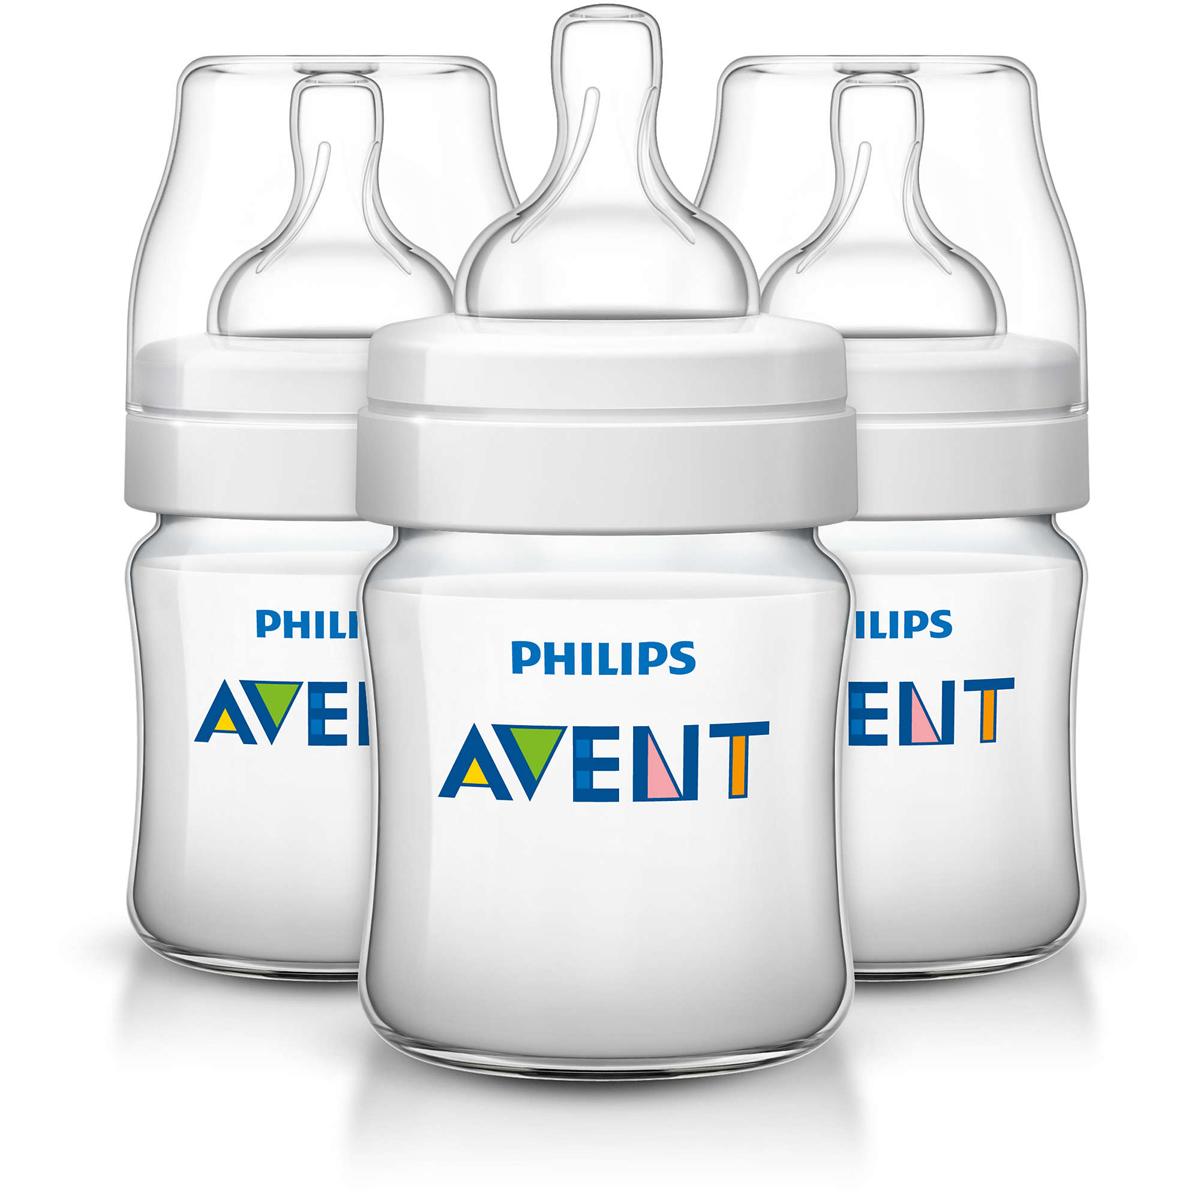 Philips Avent Бутылочка 125 мл, 3 шт. Соска с потоком для новорожденного SCF560/37 -  Бутылочки